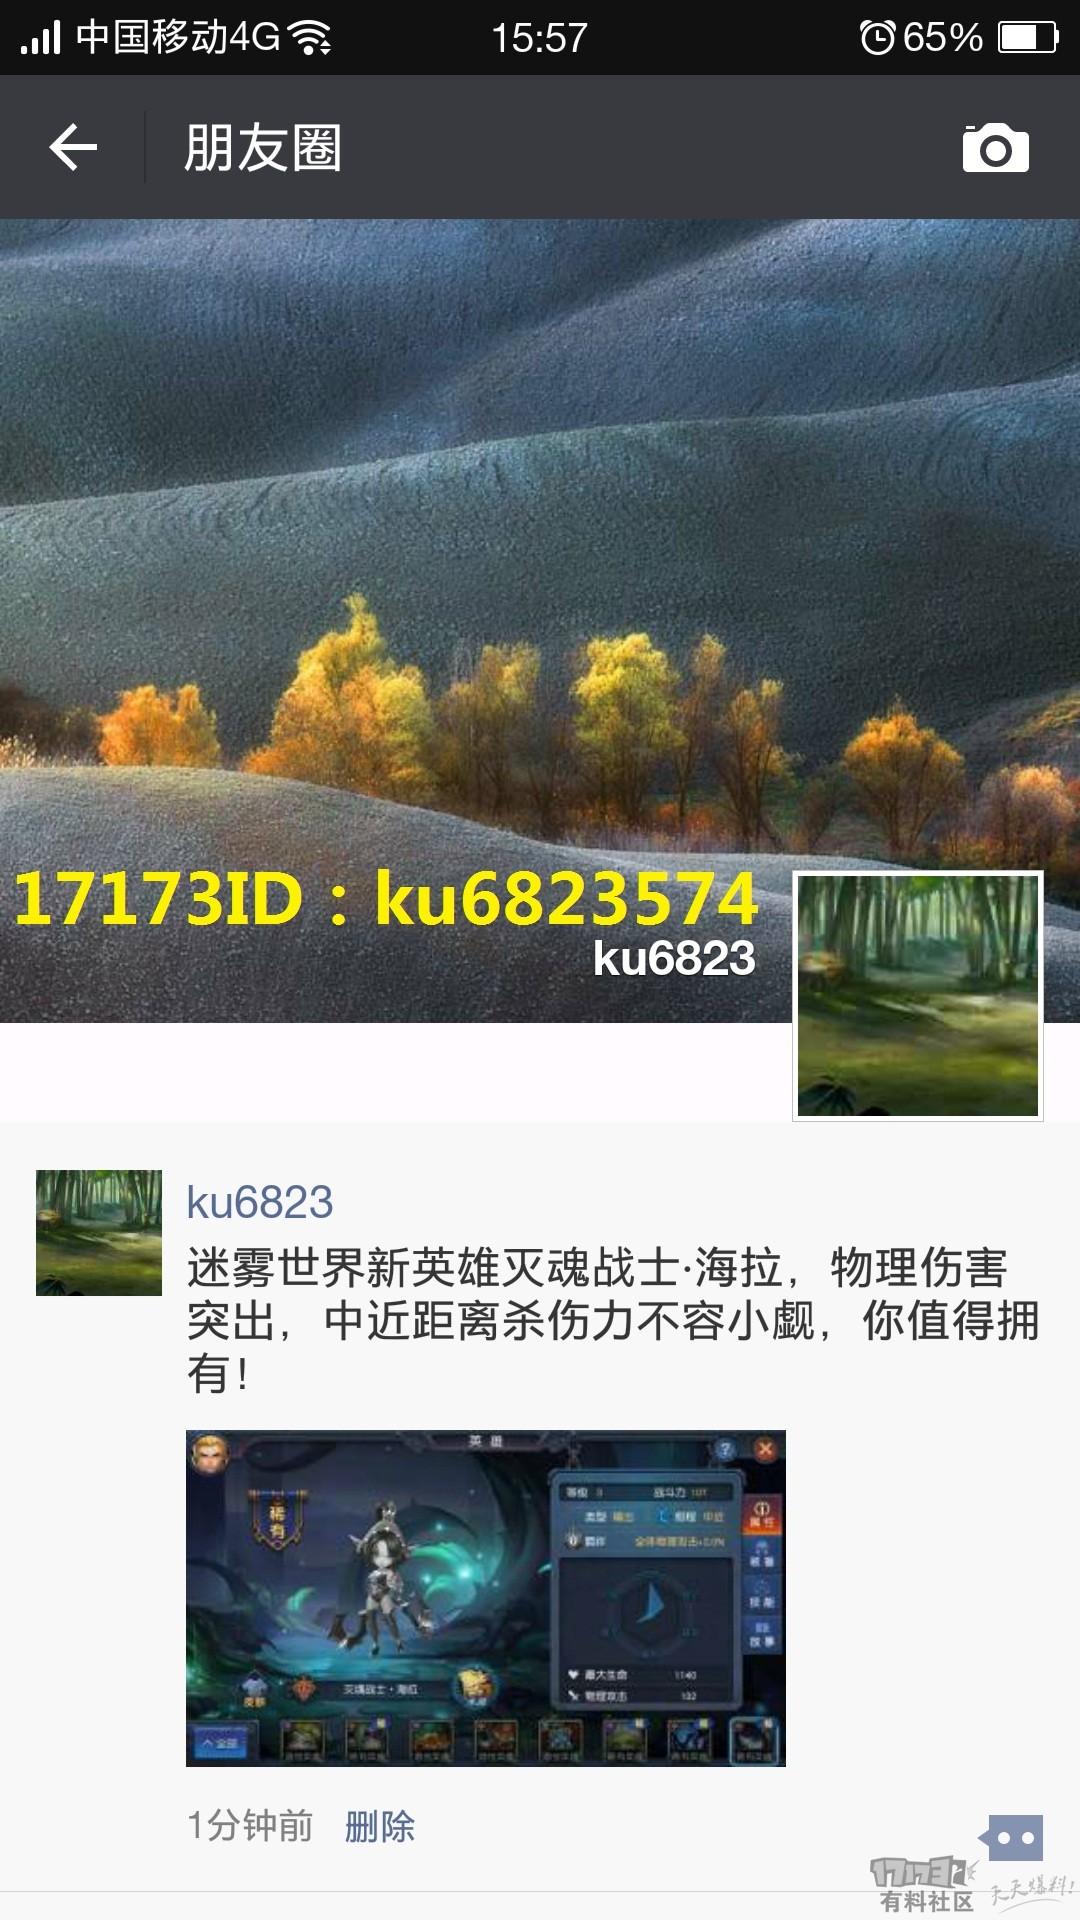 Screenshot_2017-08-15-15-57-32-647.jpg